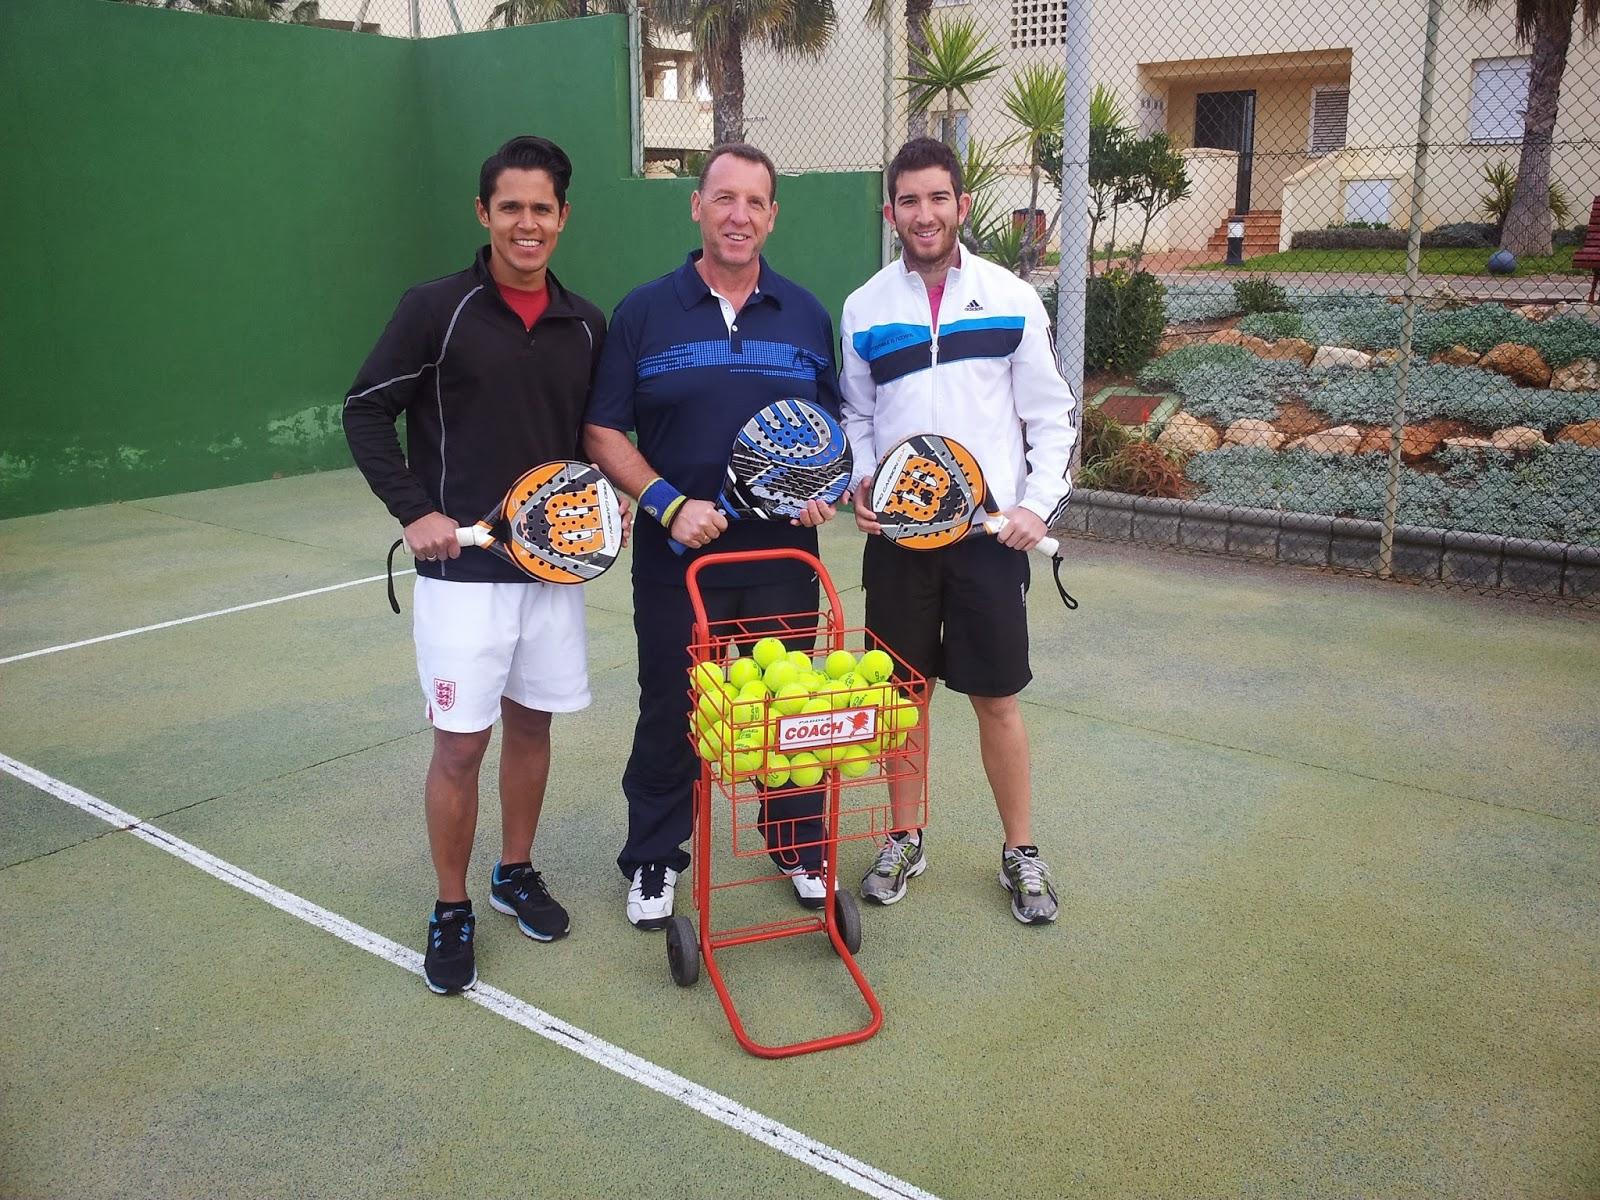 Mis alumnos de Guadalajara: Julio, Tomás y David.